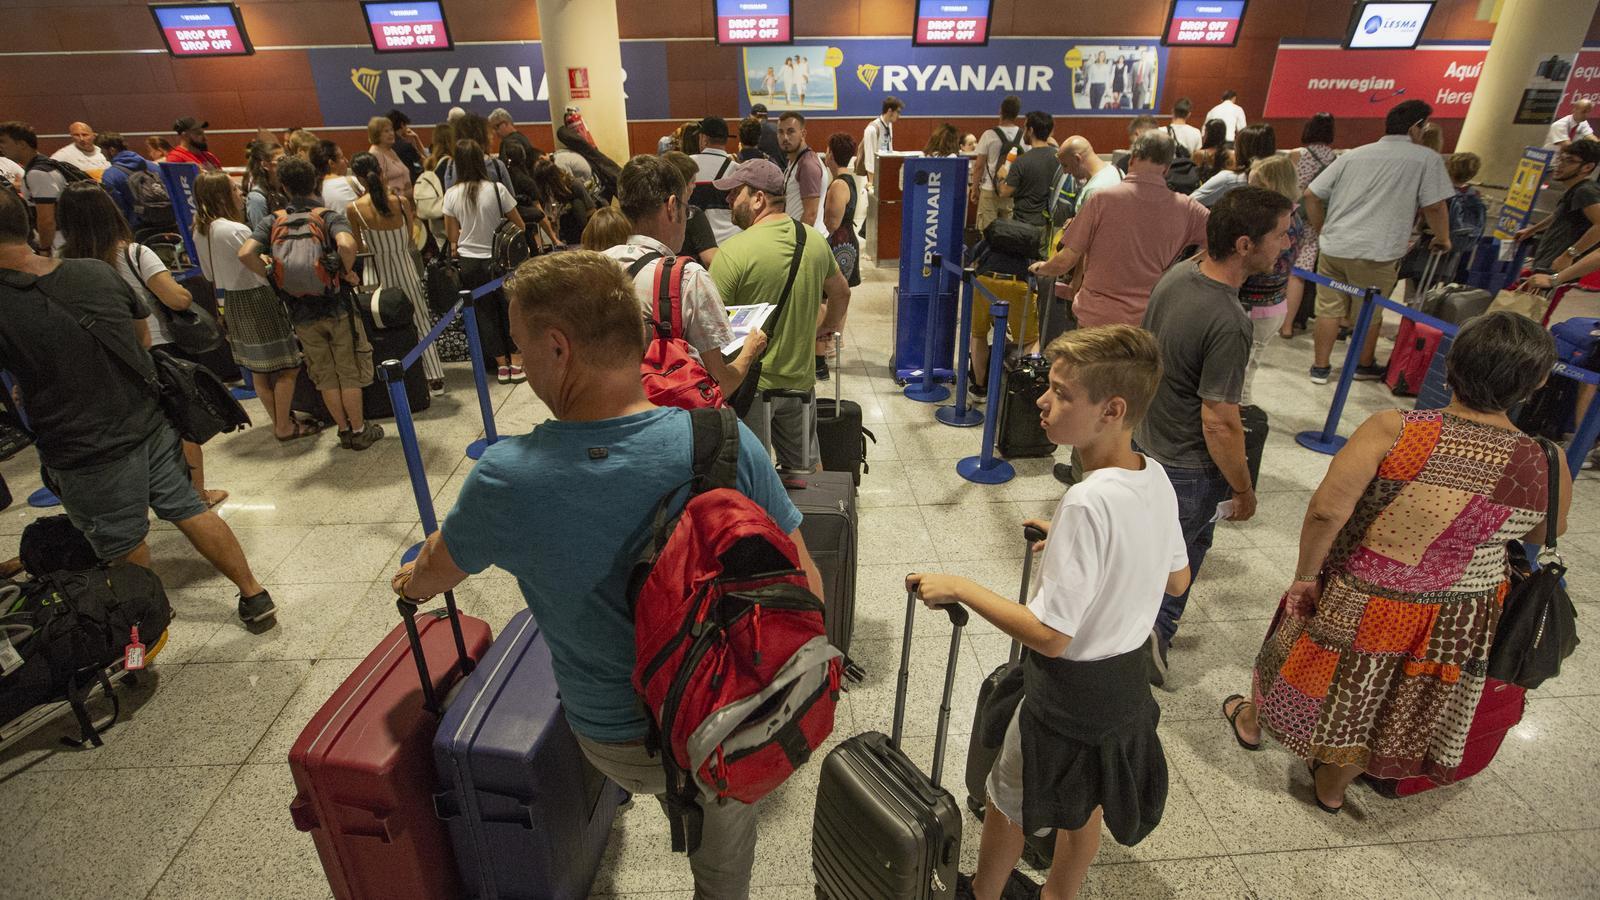 Una jutge determina que Ryanair no pot cobrar per pujar a l'avió una maleta de mà